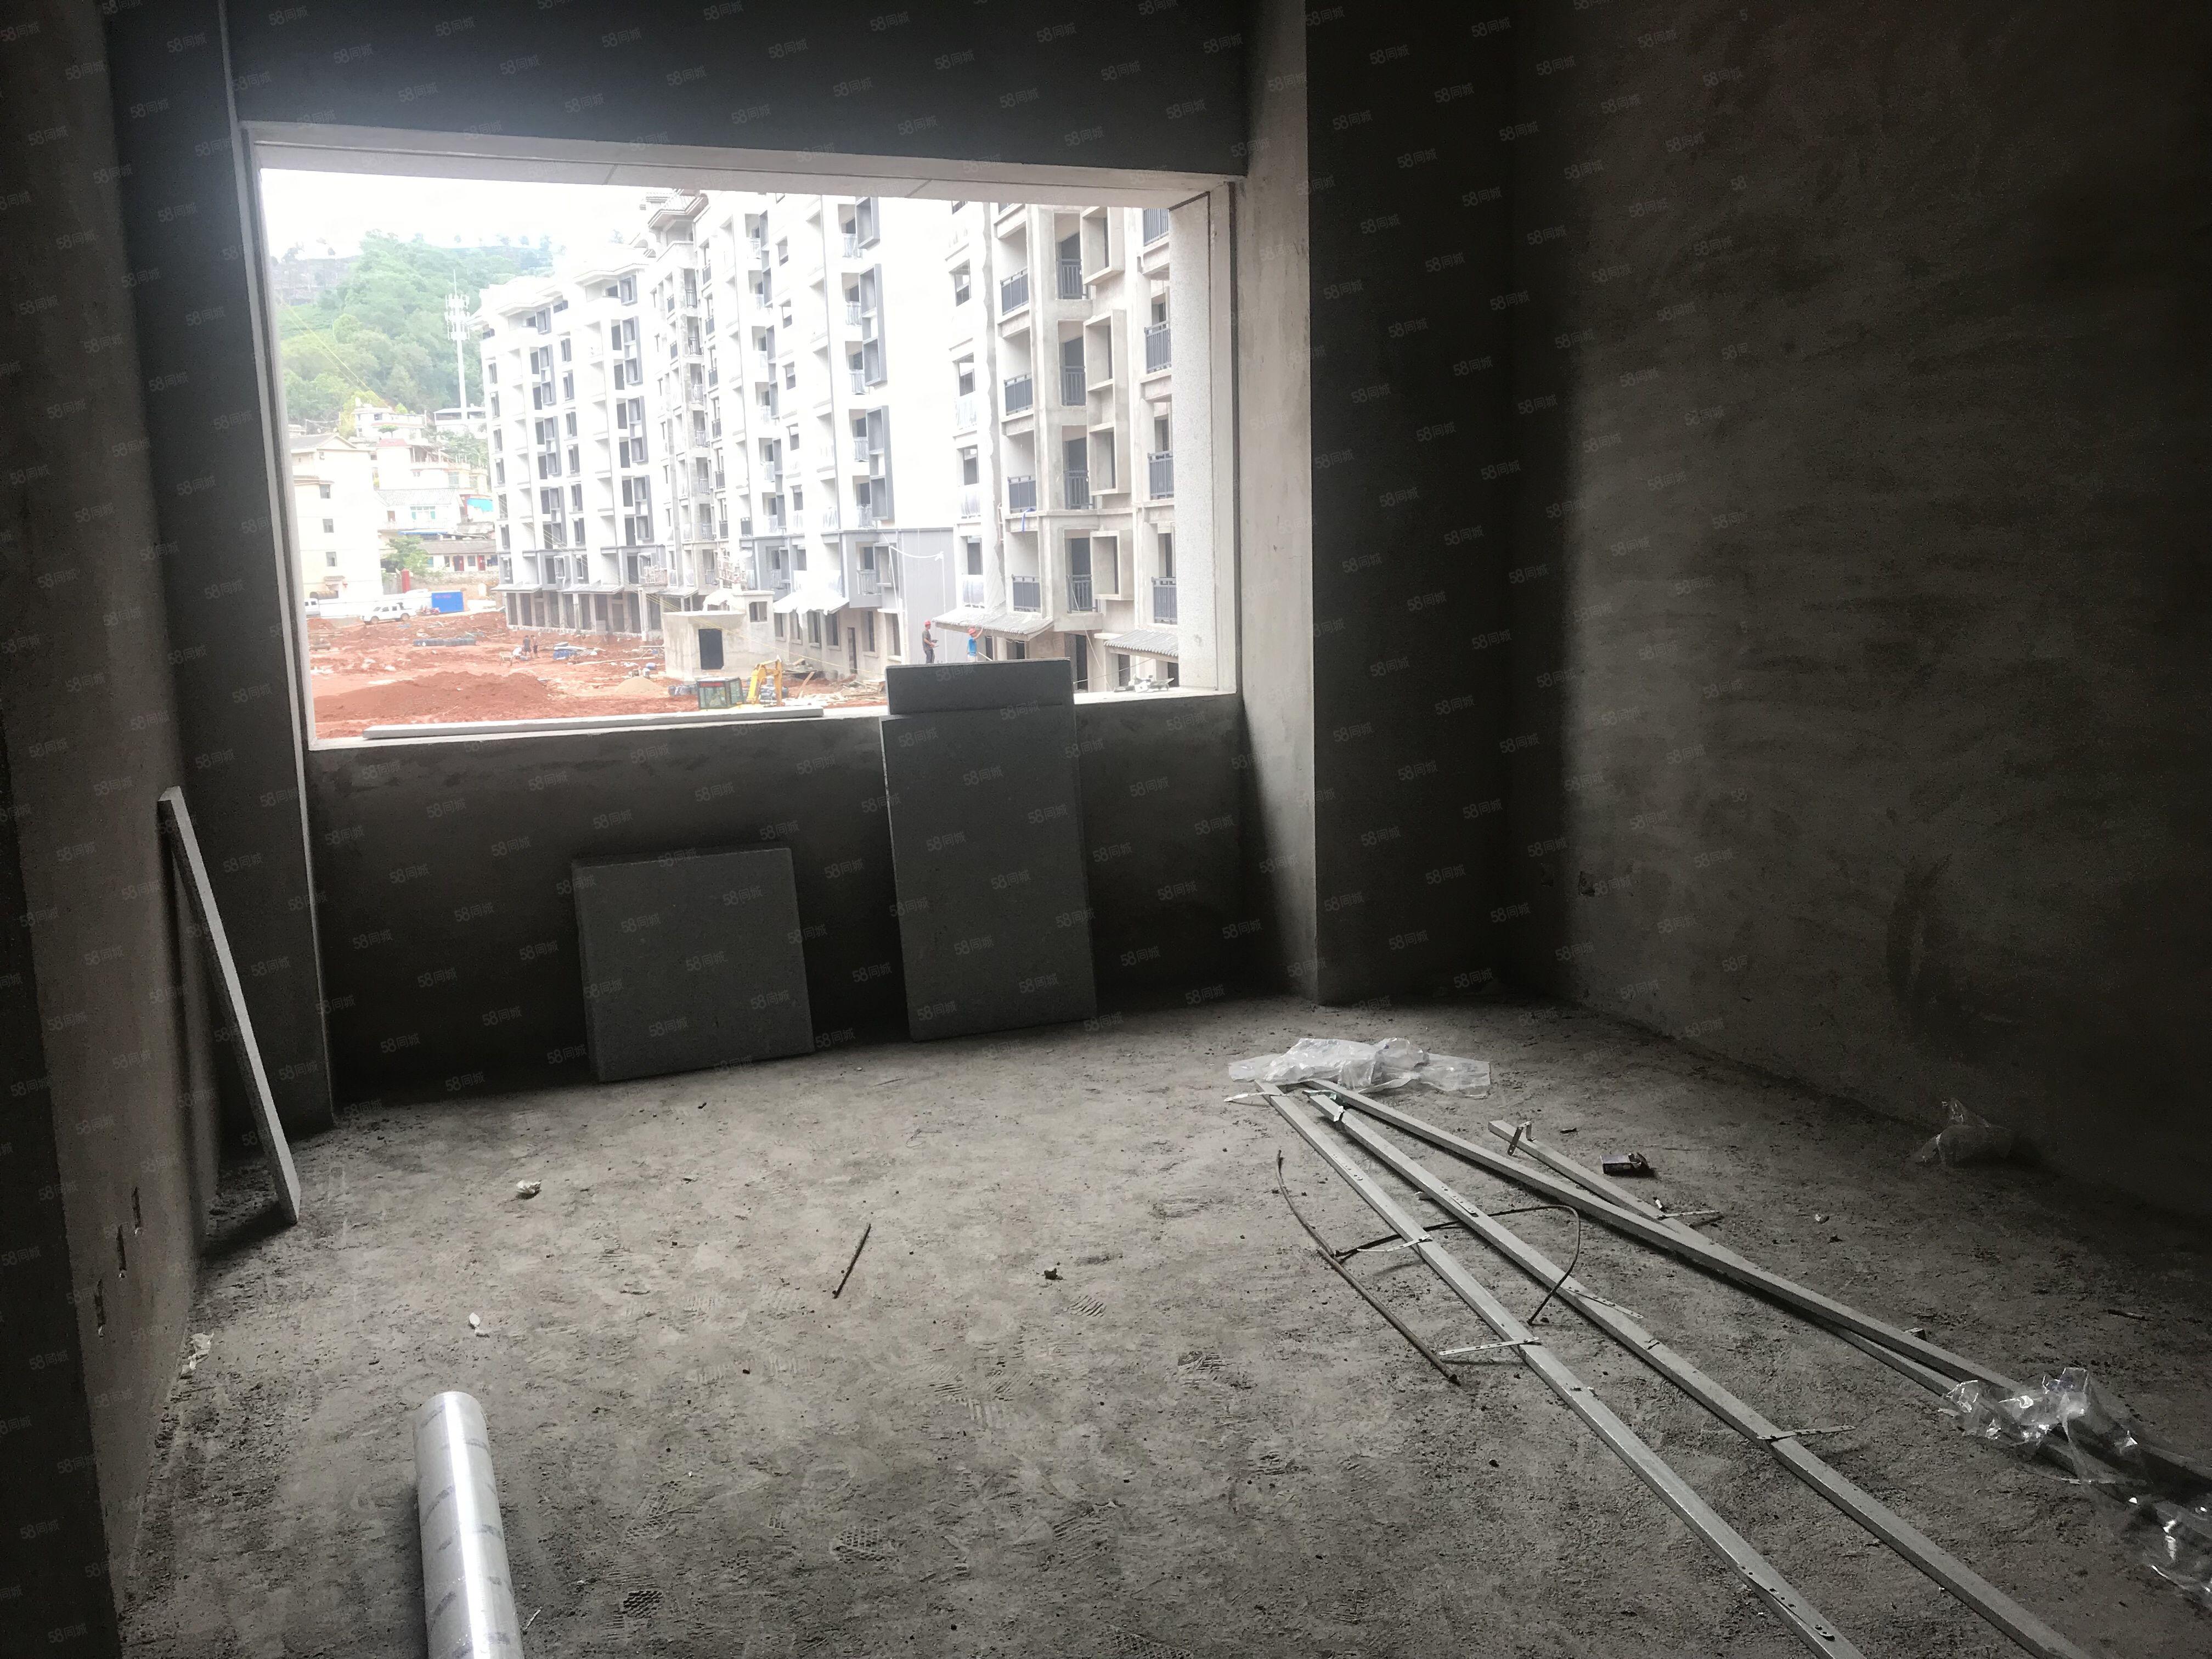 盛林河畔电梯公寓,首付6万即可42平到70平